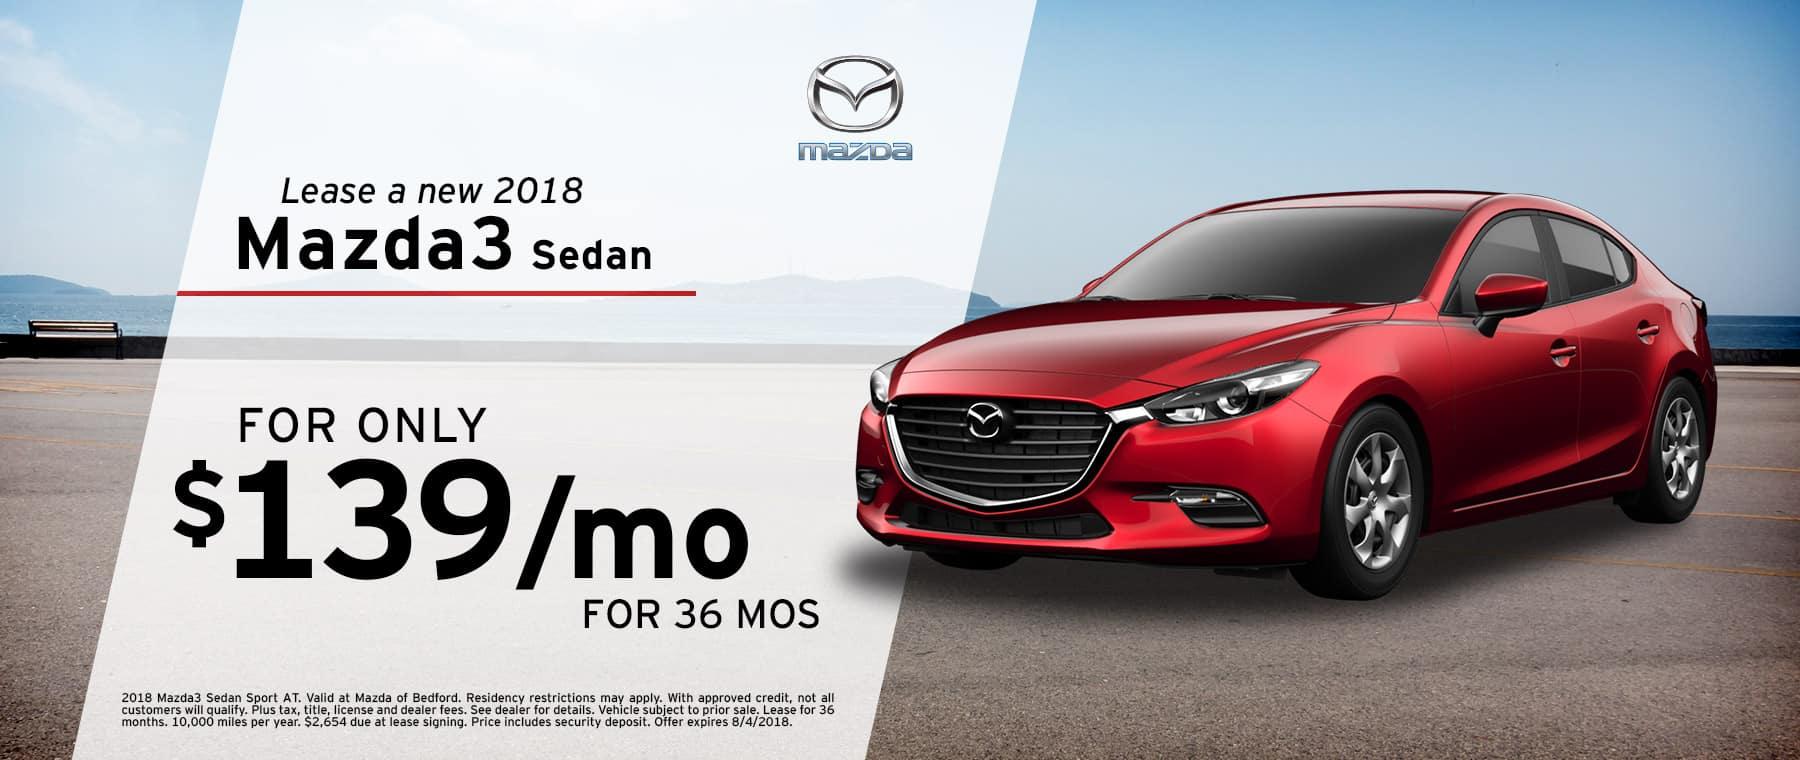 Mazda Bedford Specials | Mazda3 Sedan